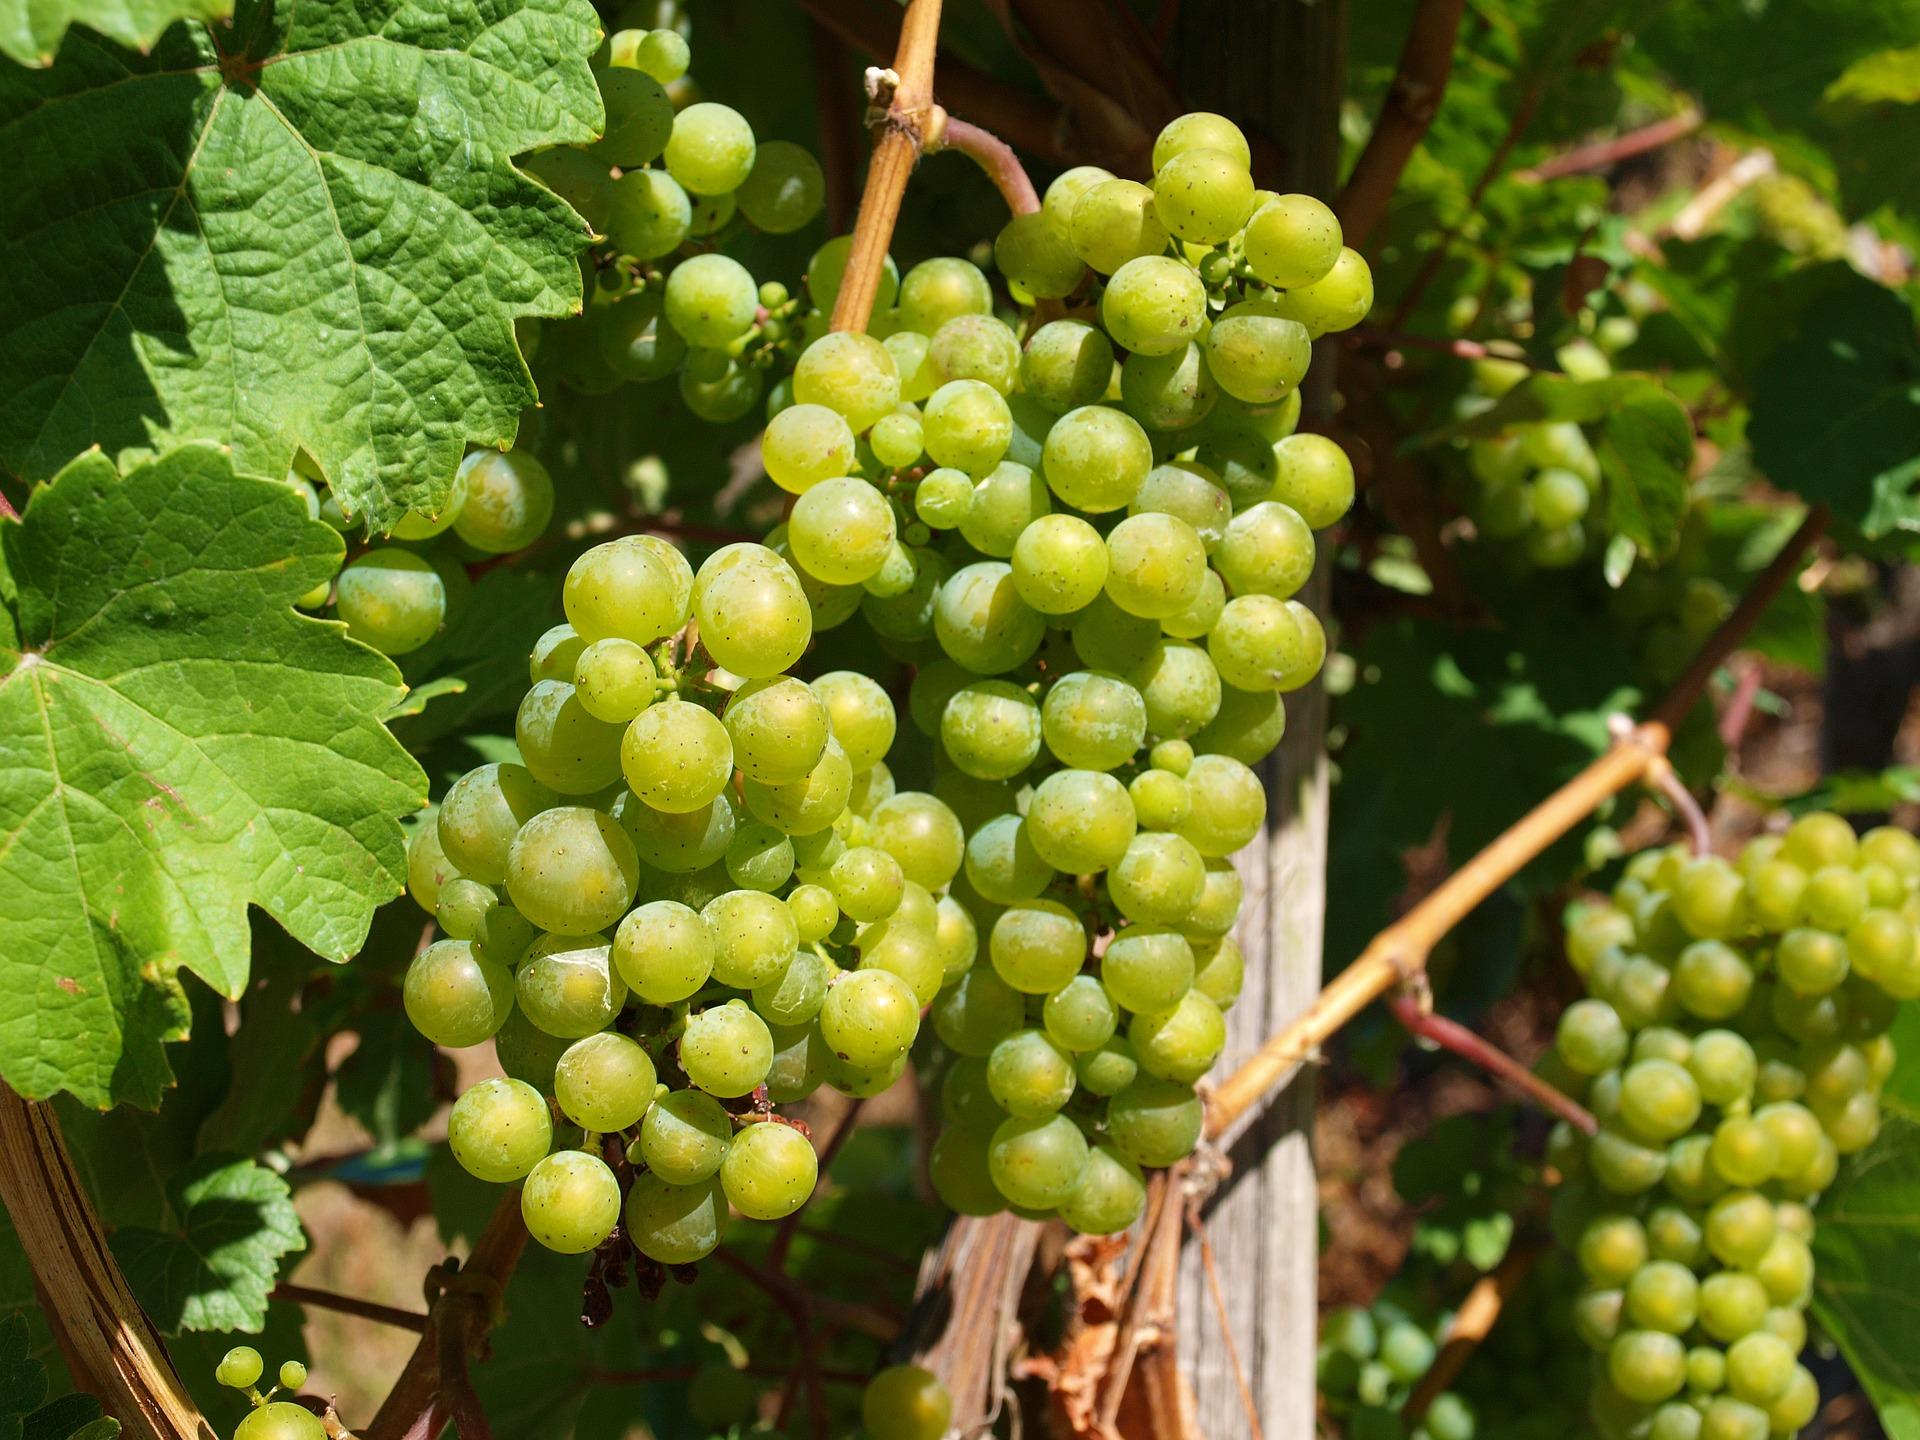 Green grape vineyard